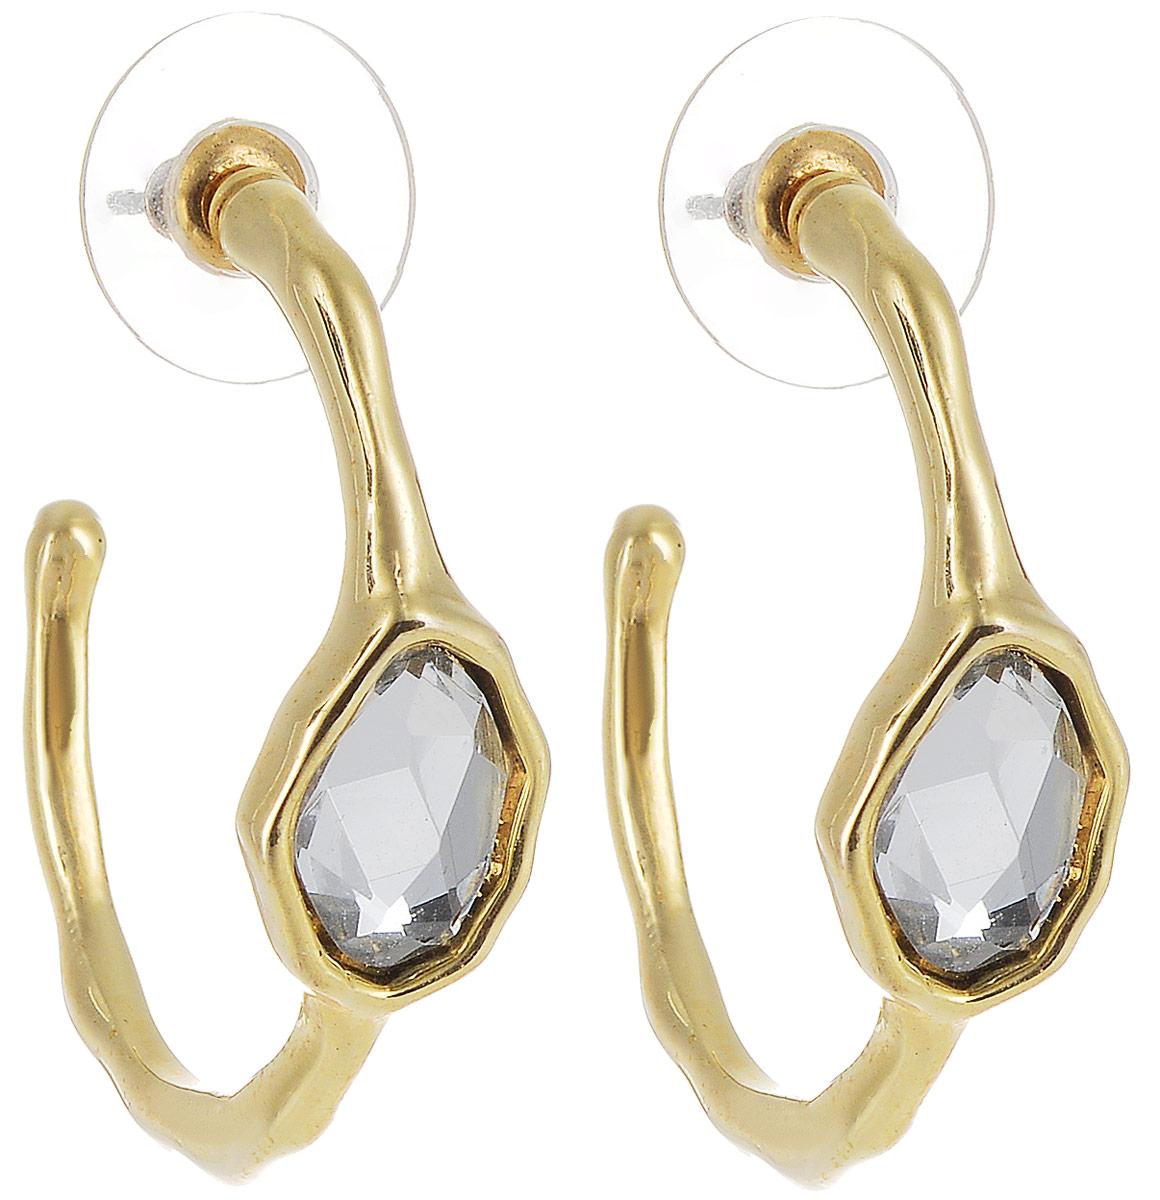 Серьги Art-Silver, цвет: золотой. MS5147-540Серьги с подвескамиСтильные серьги Art-Silver выполнены из бижутерного сплава. Серьги оформлены оригинальными декоративными вставками. Серьги выполнены с замками-гвоздиками. Такие серьги будут ярким дополнением вашего образа.